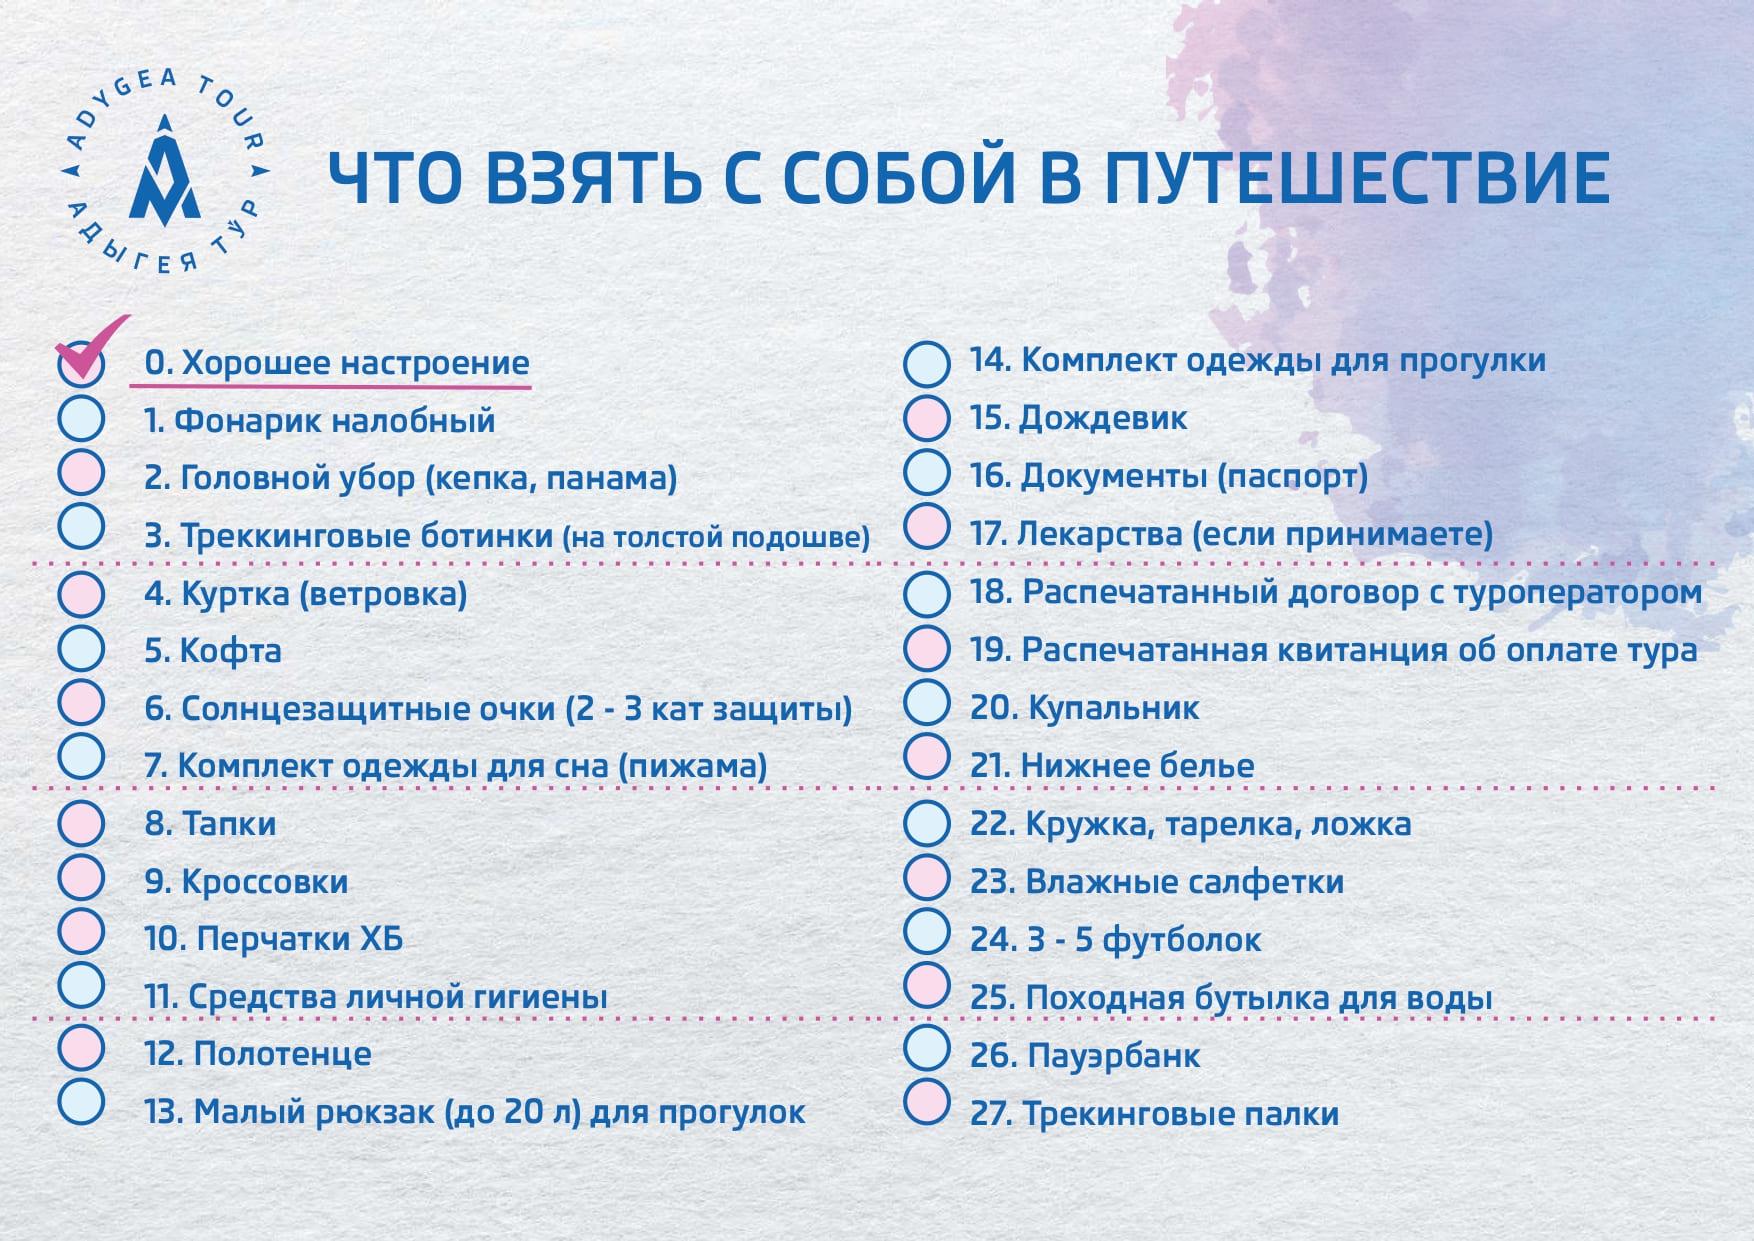 Адыгея активный тур_compressed (4)_page-0018